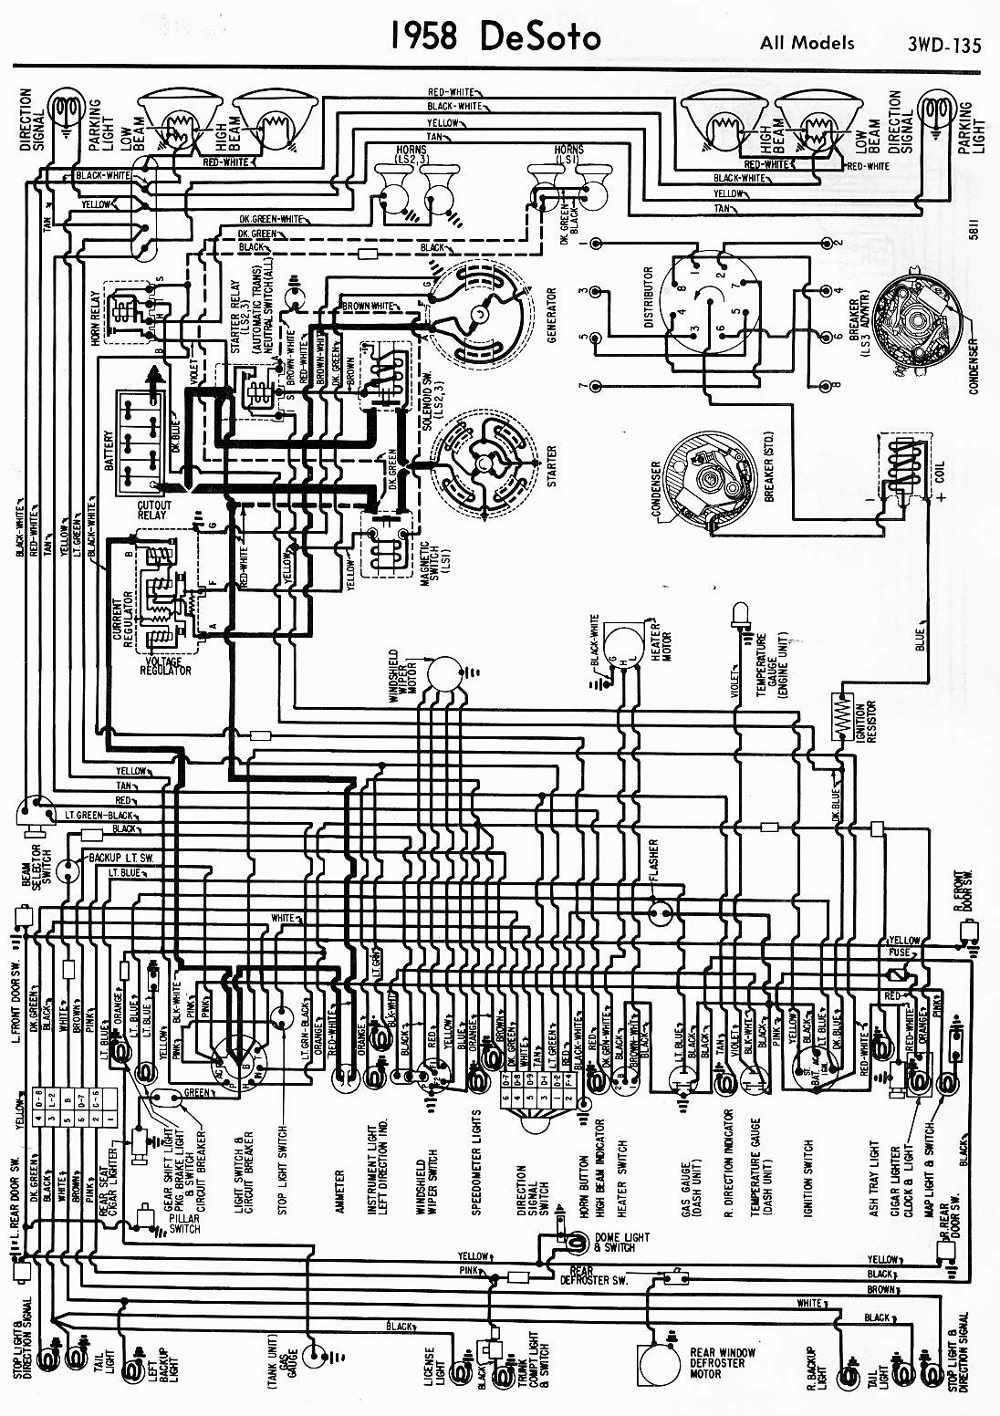 1959 buick lesabre wiring diagram wiring diagram m6 1941 buick wiring diagram free [ 1000 x 1416 Pixel ]